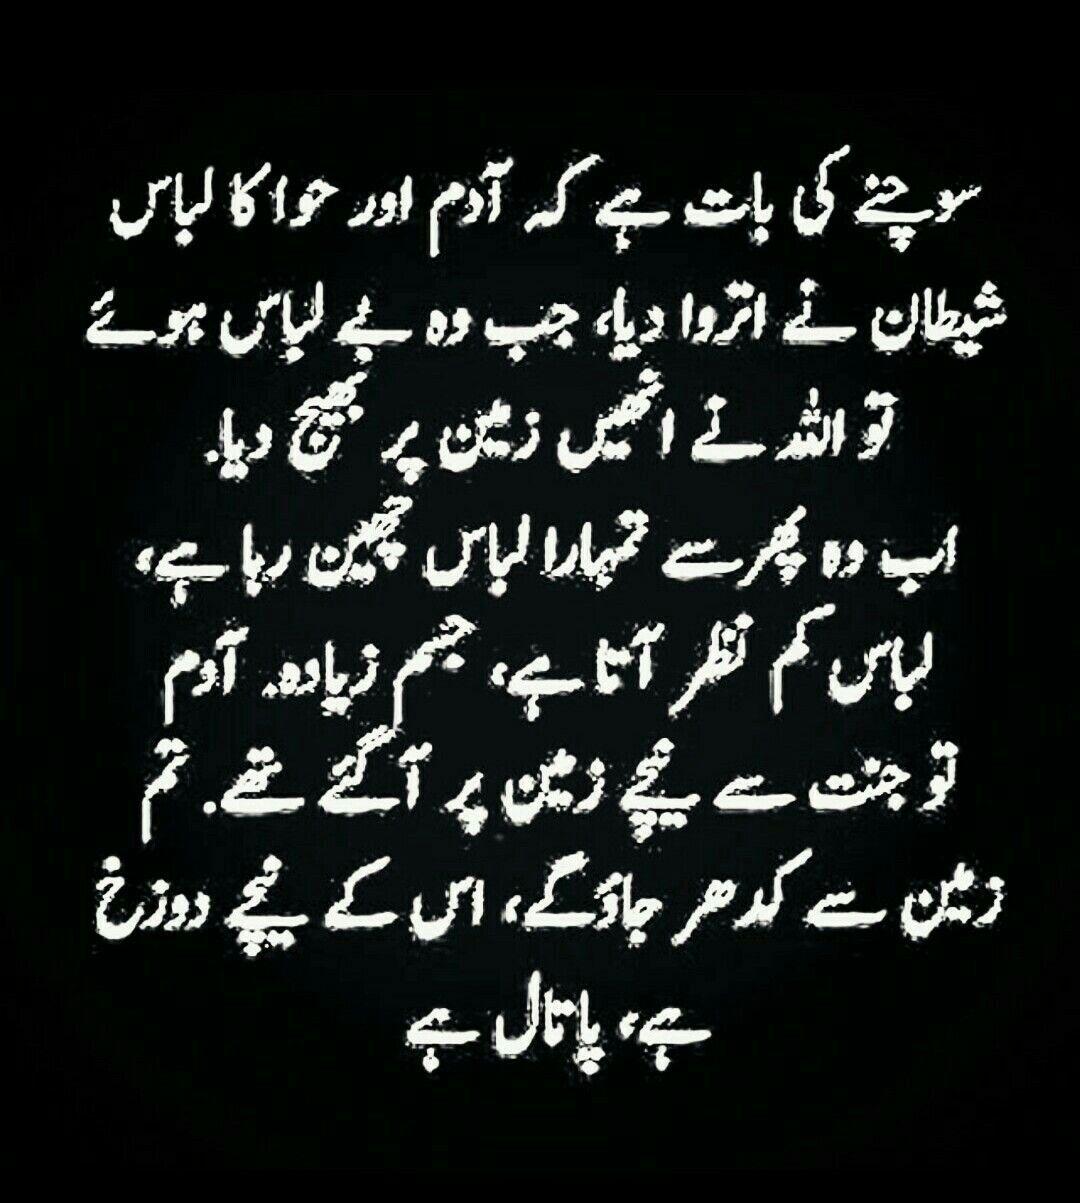 Allah Hum Sab Pe Reham Farmaye Aameen øur Islam